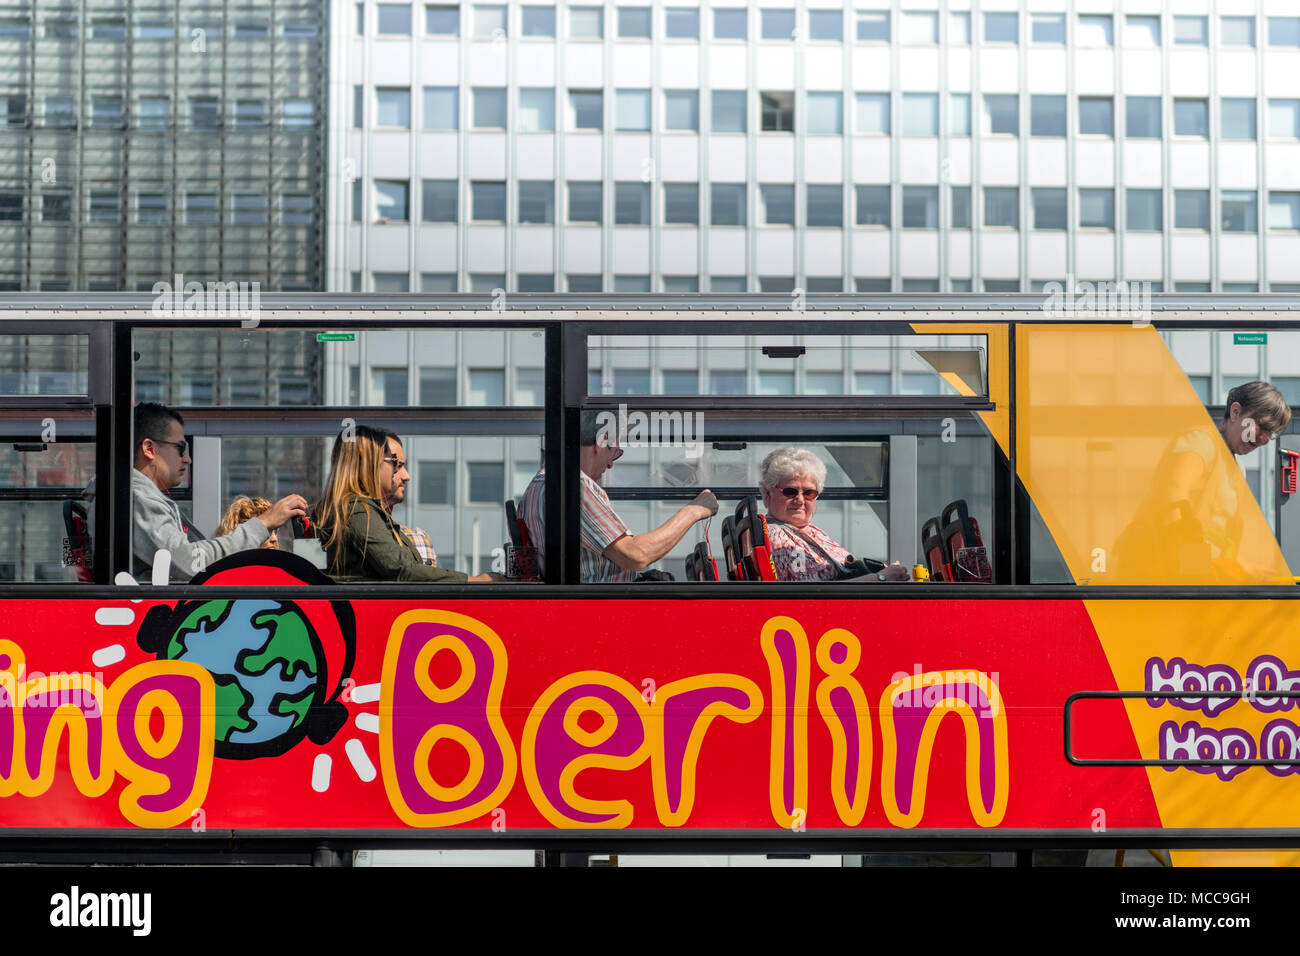 """Die Leute sitzen auf dem obersten Deck eines der vielen """"Hop On, Hop Off""""-Busse, die eine große Touristenattraktion in der deutschen Hauptstadt Berlin. Stockbild"""